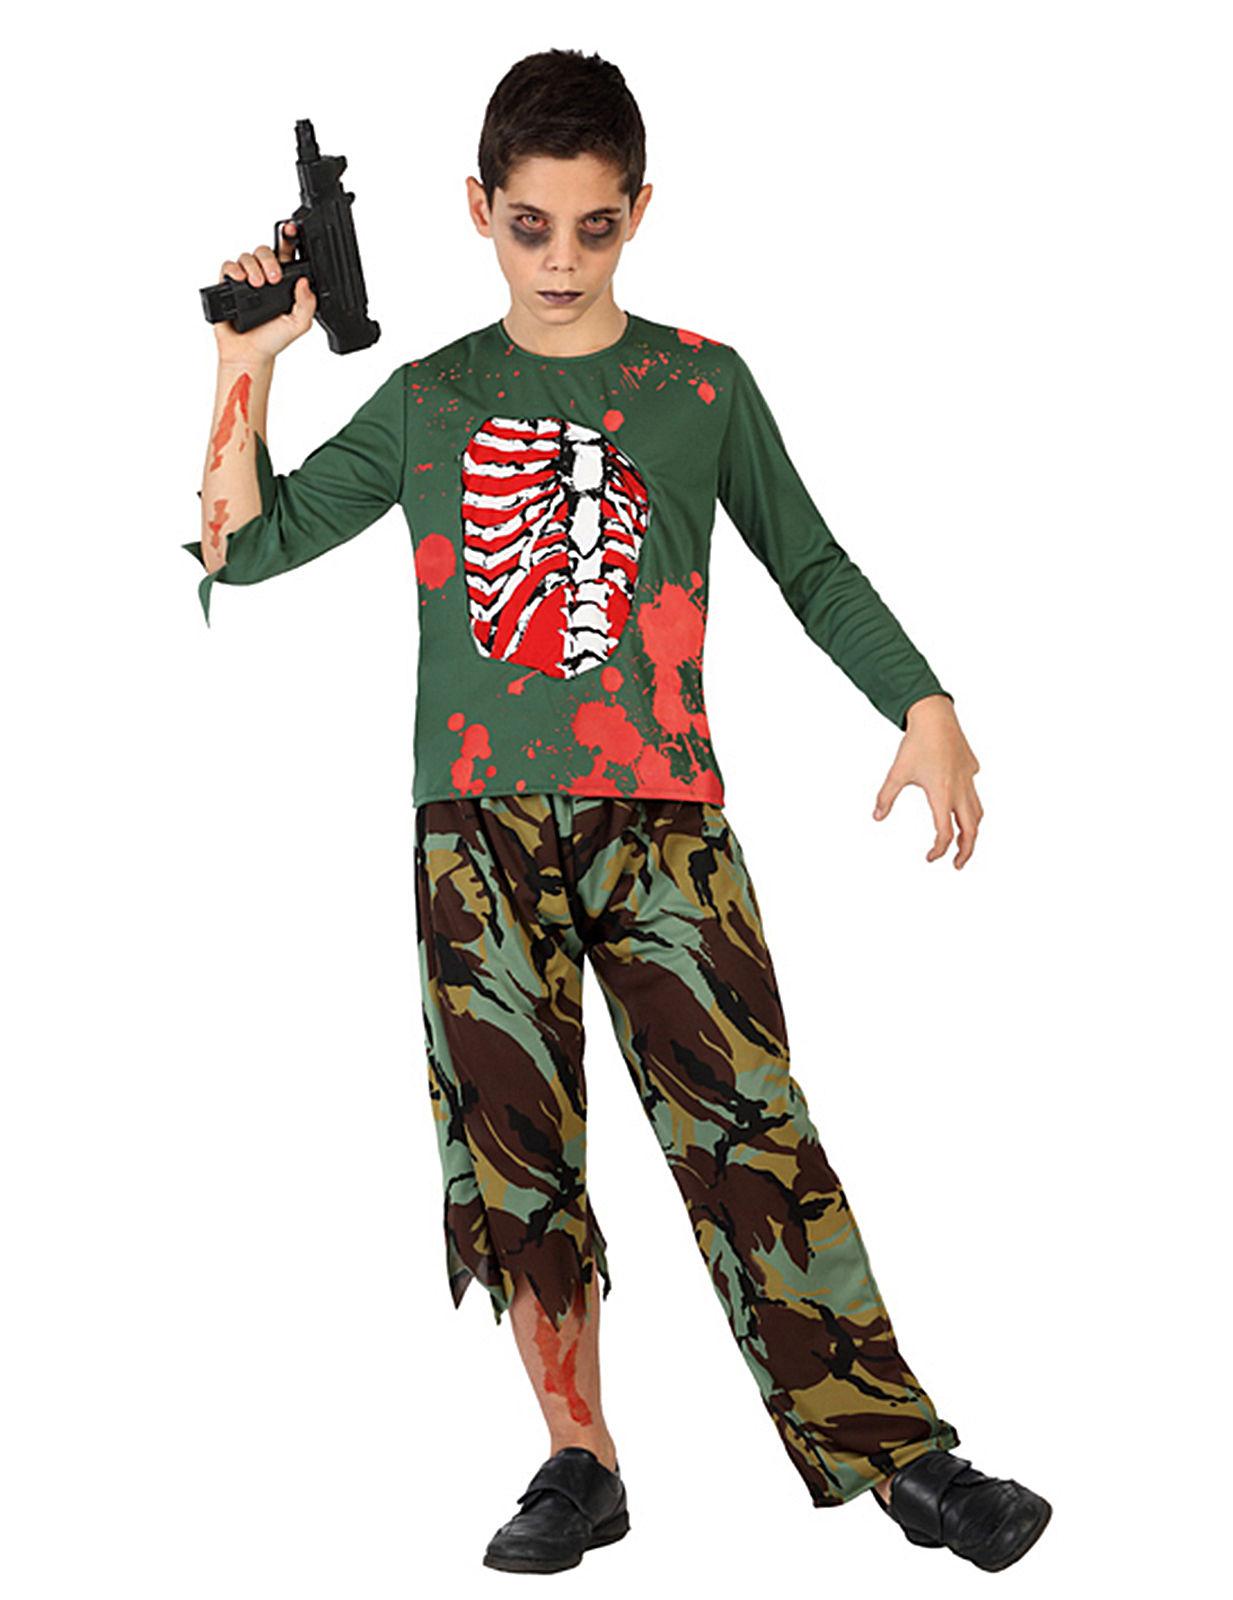 Disfraz de soldado zombie para nio Disfraces niosy disfraces